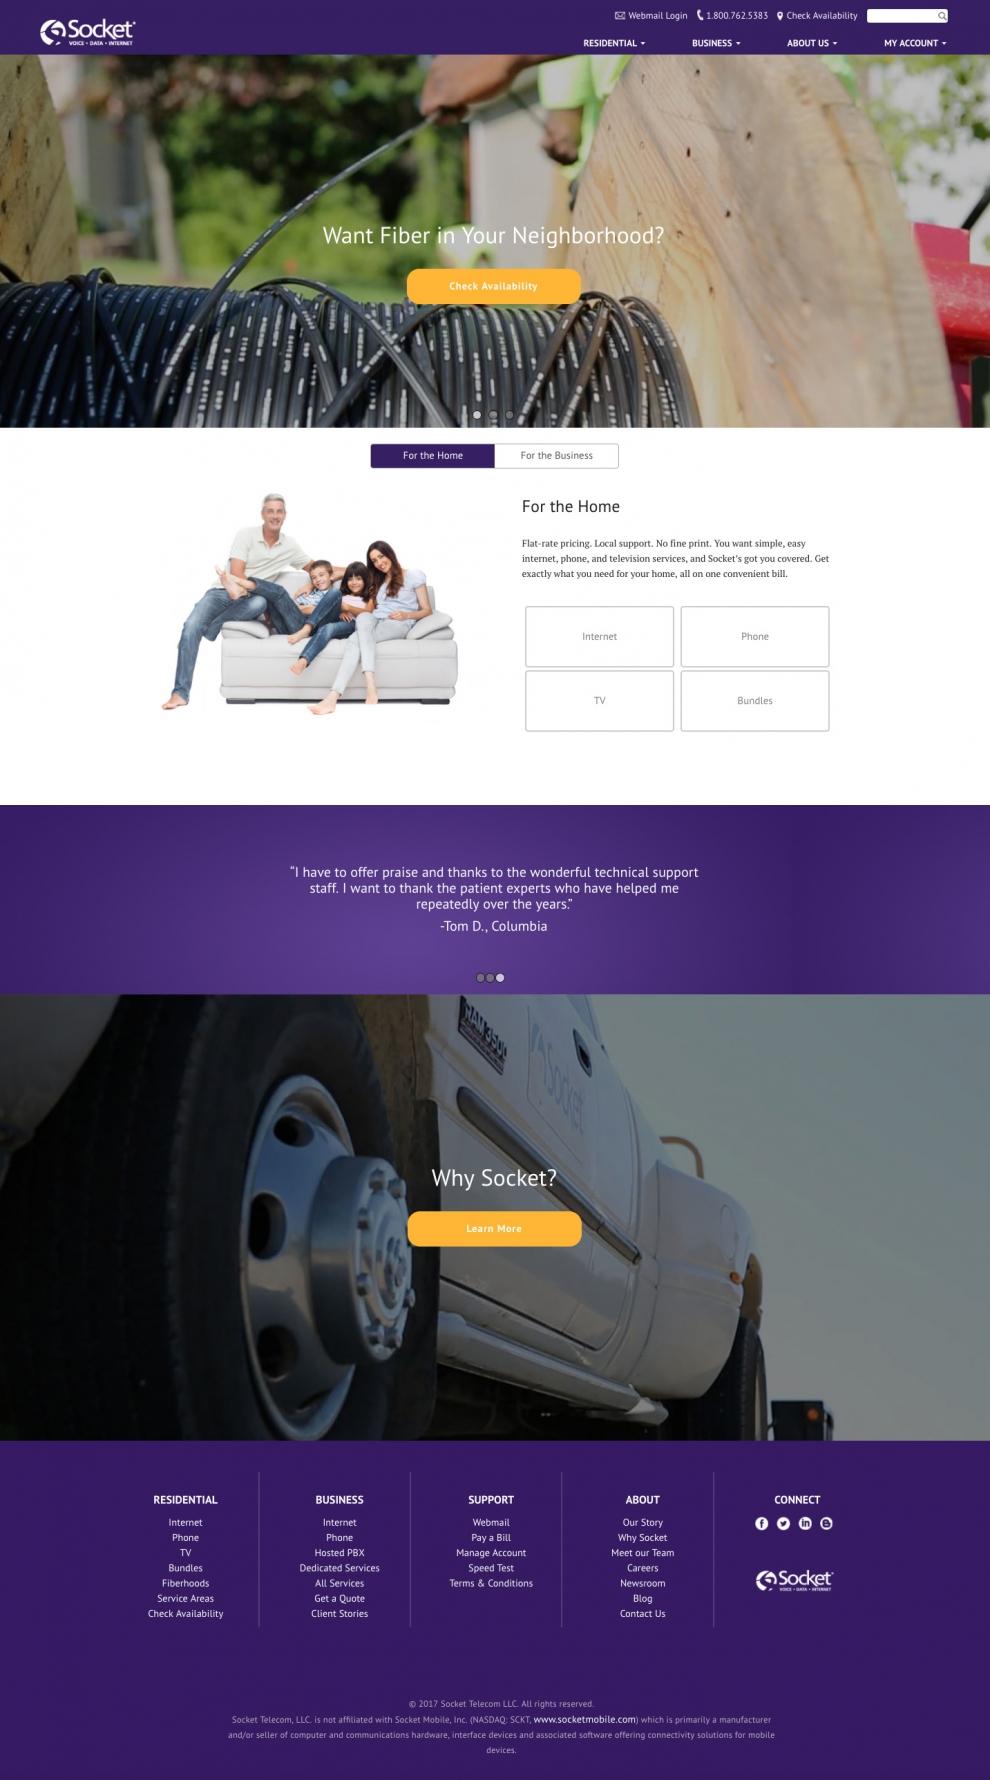 Socket.net site